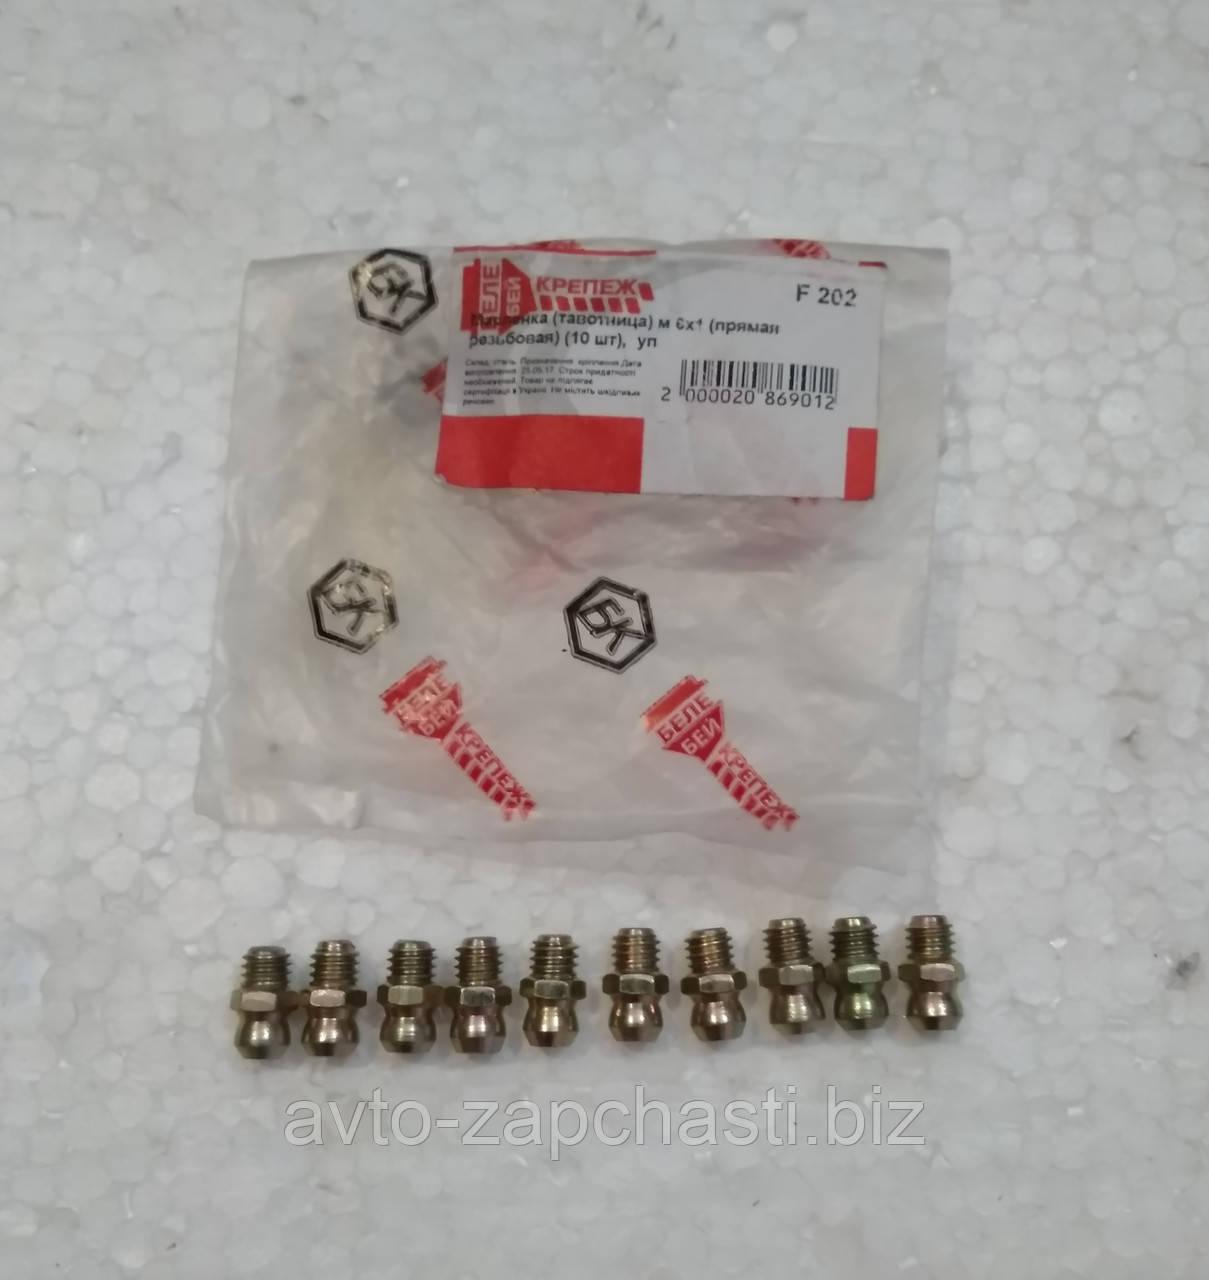 Масленка (тавотница) м 6х1 (прямая резьбовая) (10 шт) (пакет) (F 202)